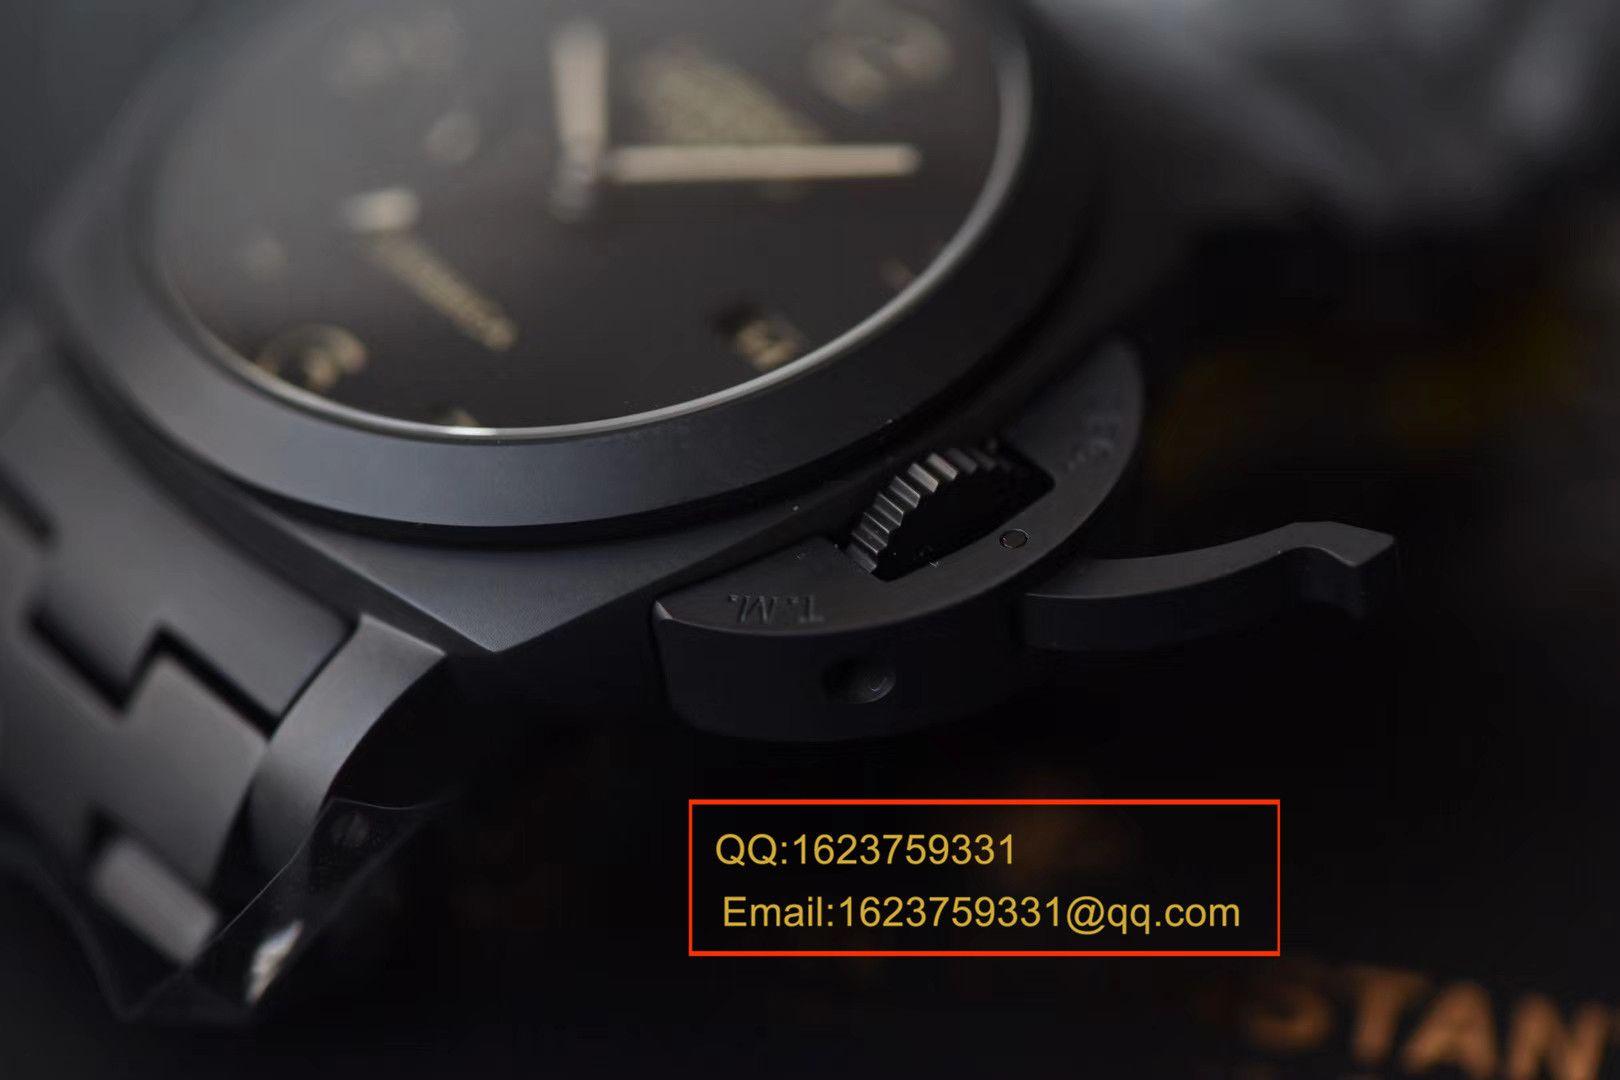 【视频评测VS厂顶级复刻手表】沛纳海LUMINOR 1950系列PAM00438全陶瓷腕表 / VSBFPAM00438